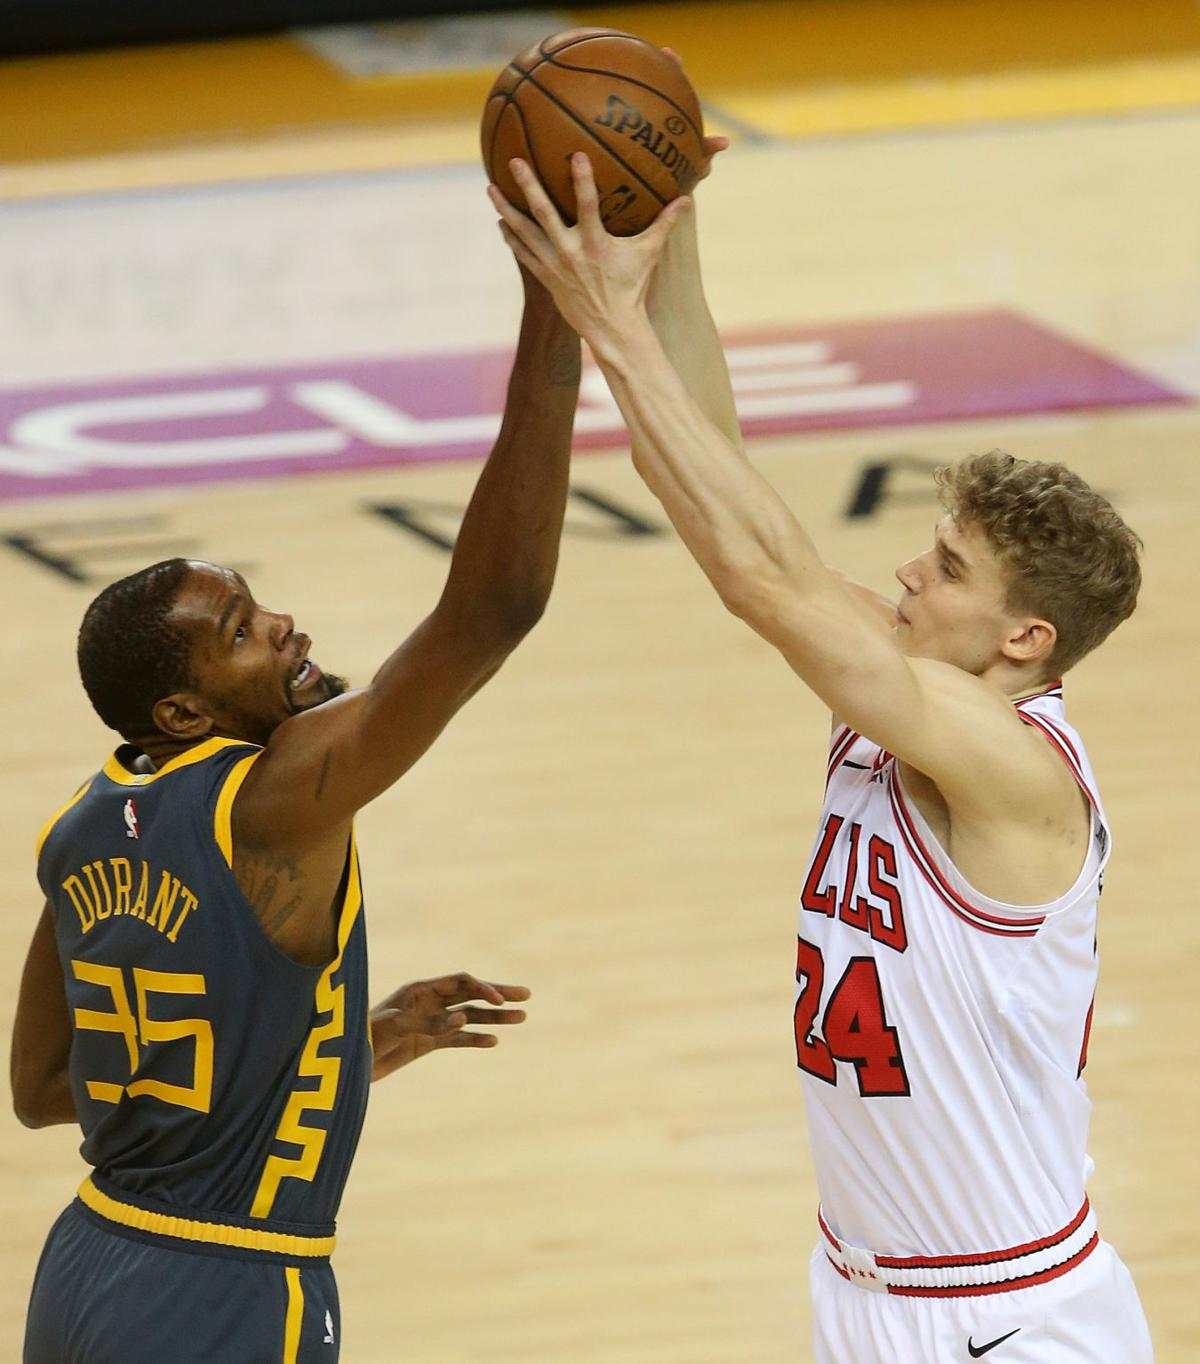 Golden State Warriors vs. Chicago Bulls NBA basketball